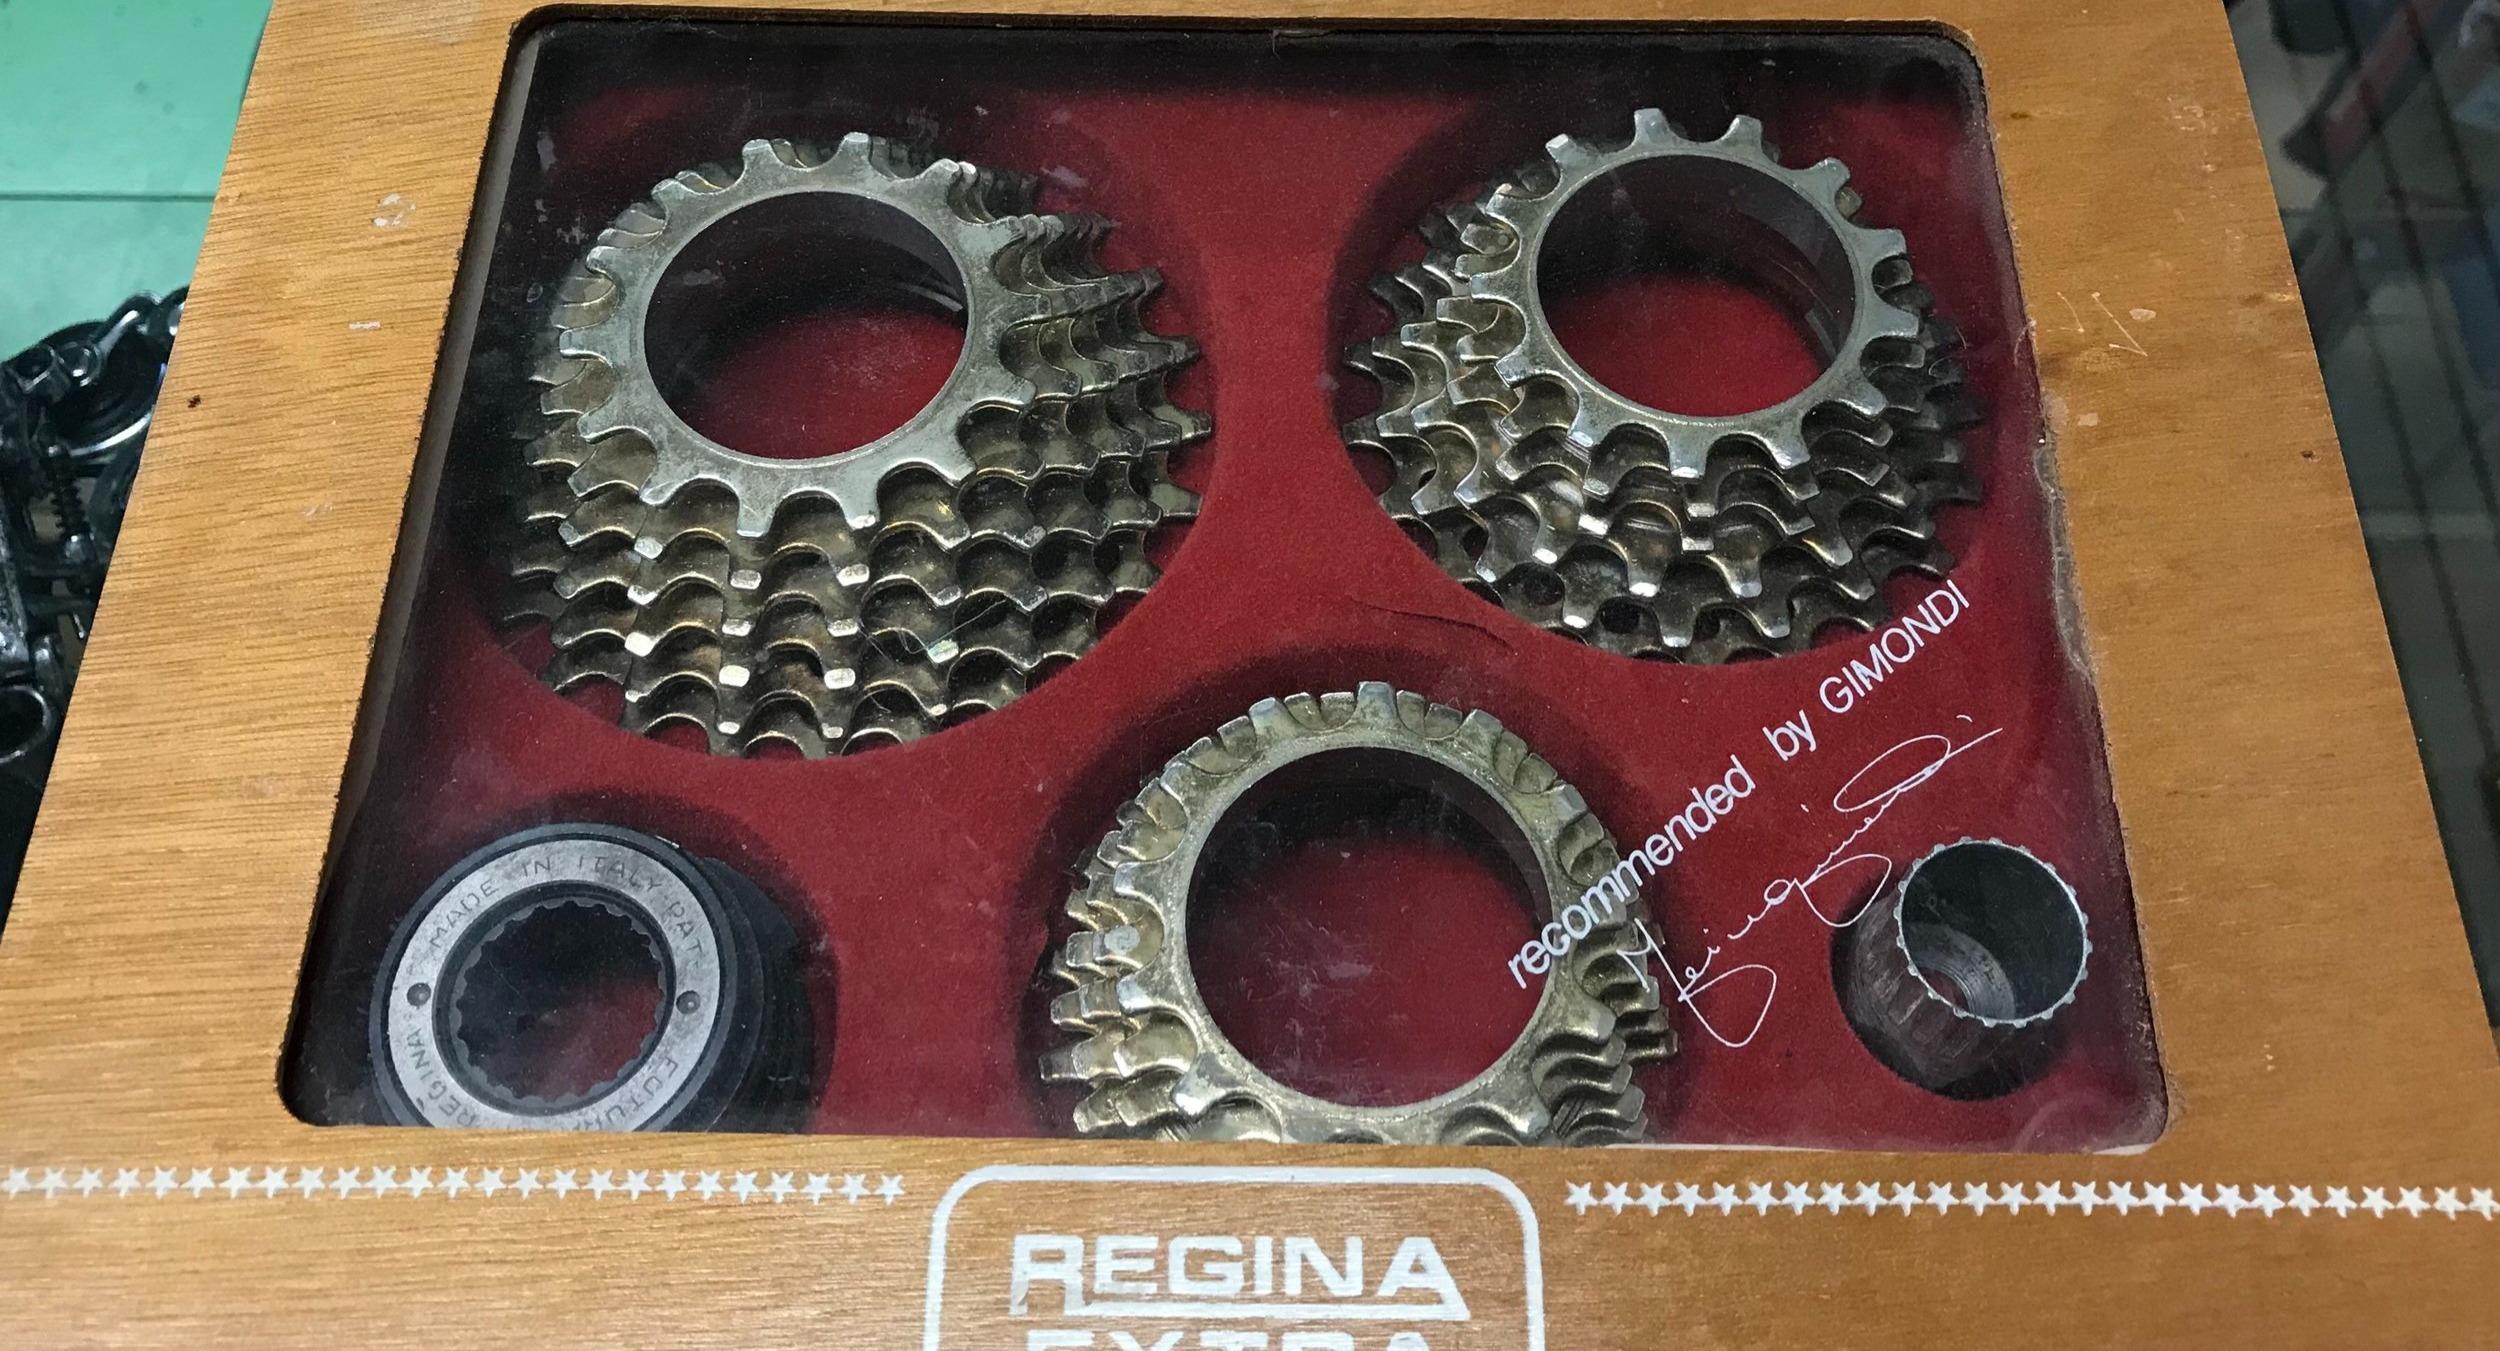 Regina Freewheels